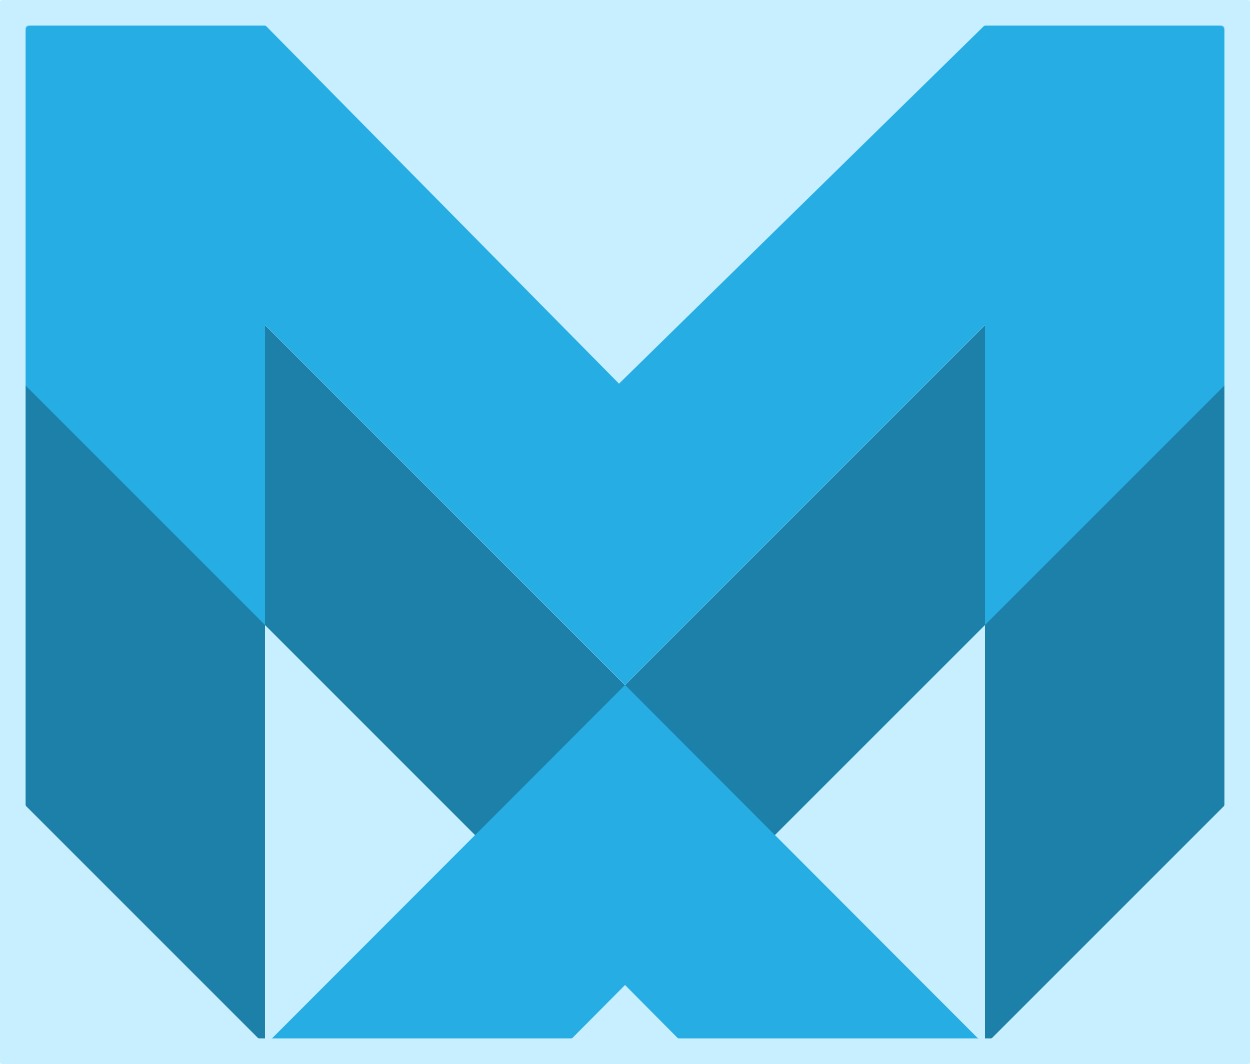 MacManX.com